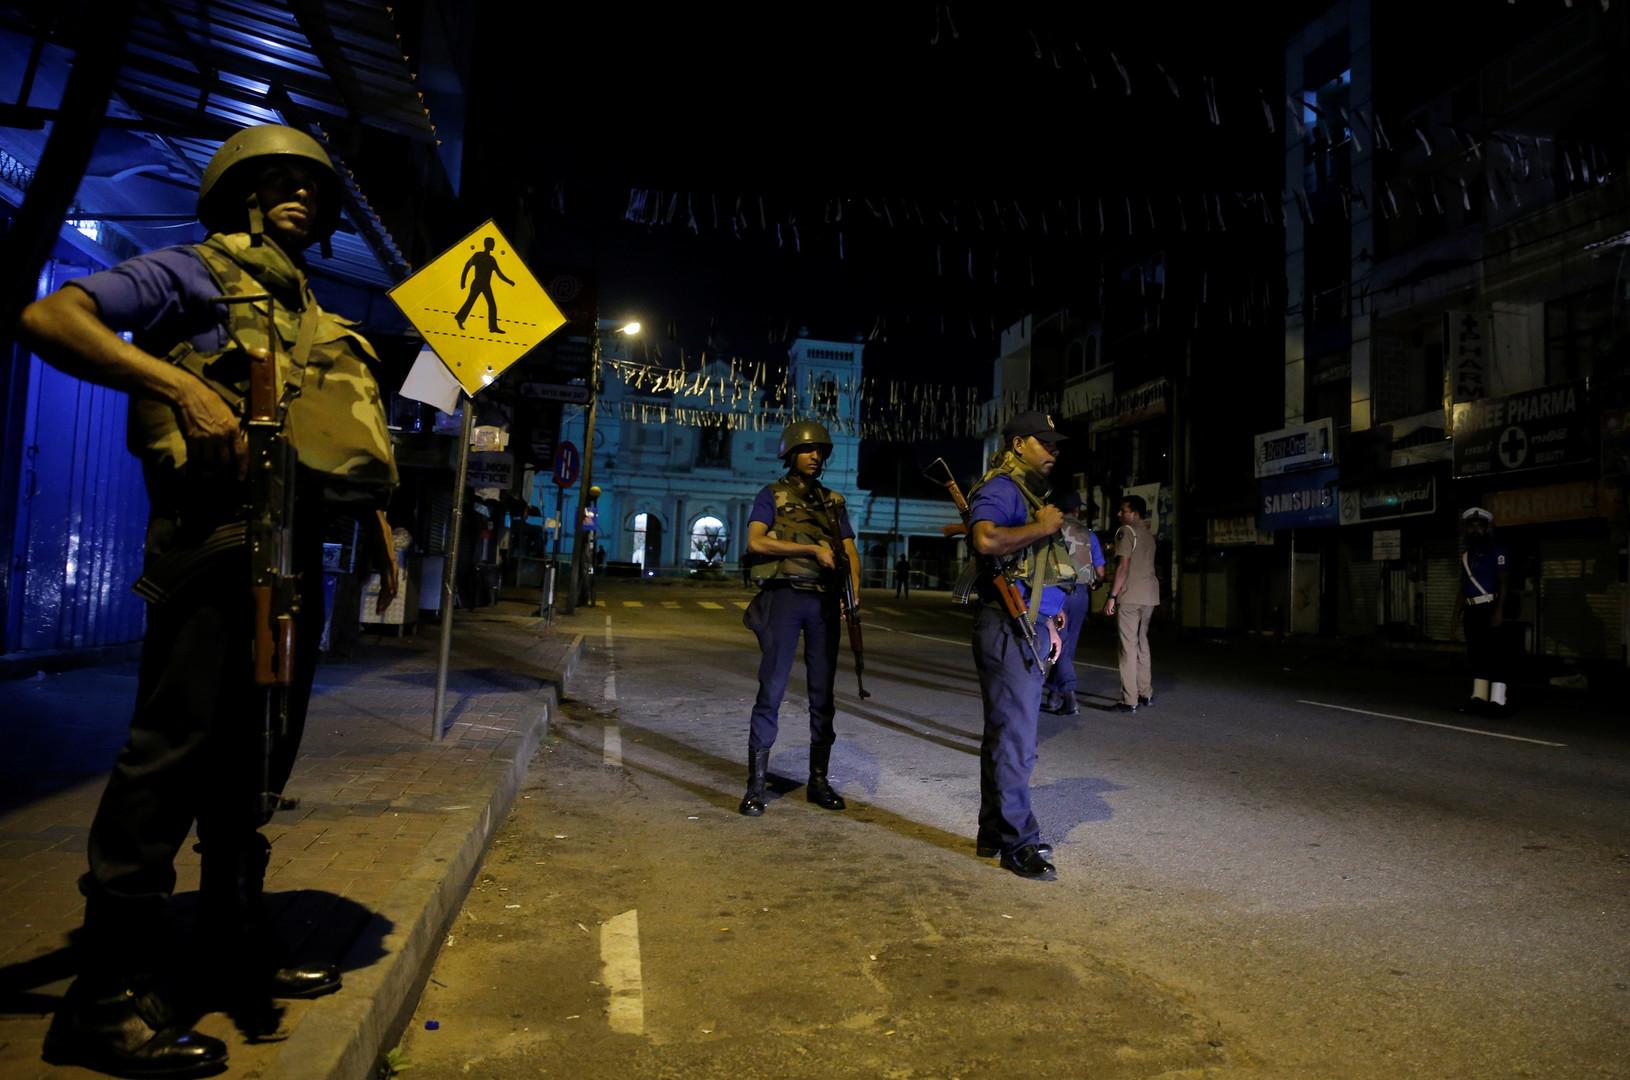 انفجار جديد غربي سريلانكا